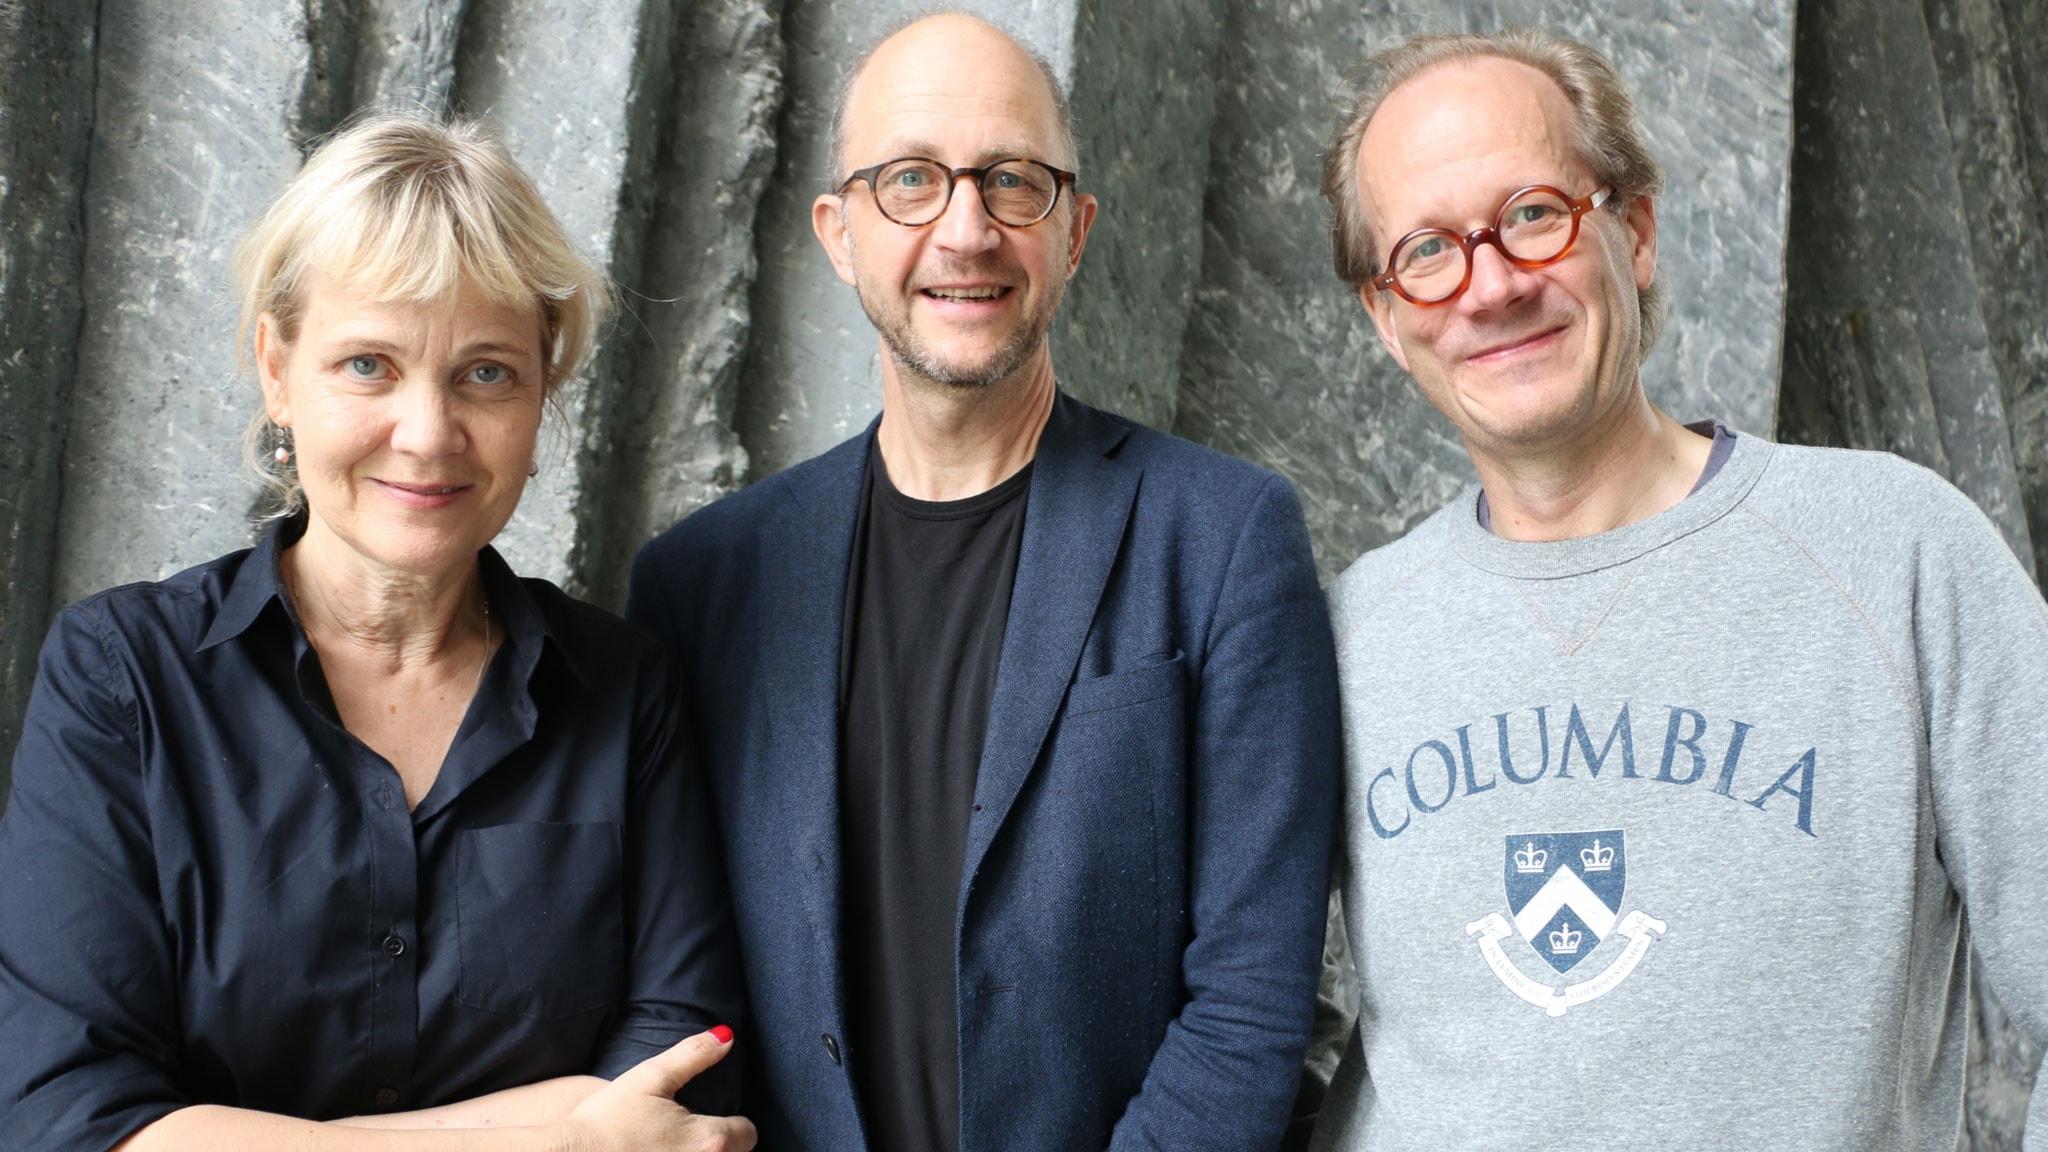 Gruppbild på Gabriella Ahlström, Per Naroskin och Johan Hakelius som är veckans spanare ...